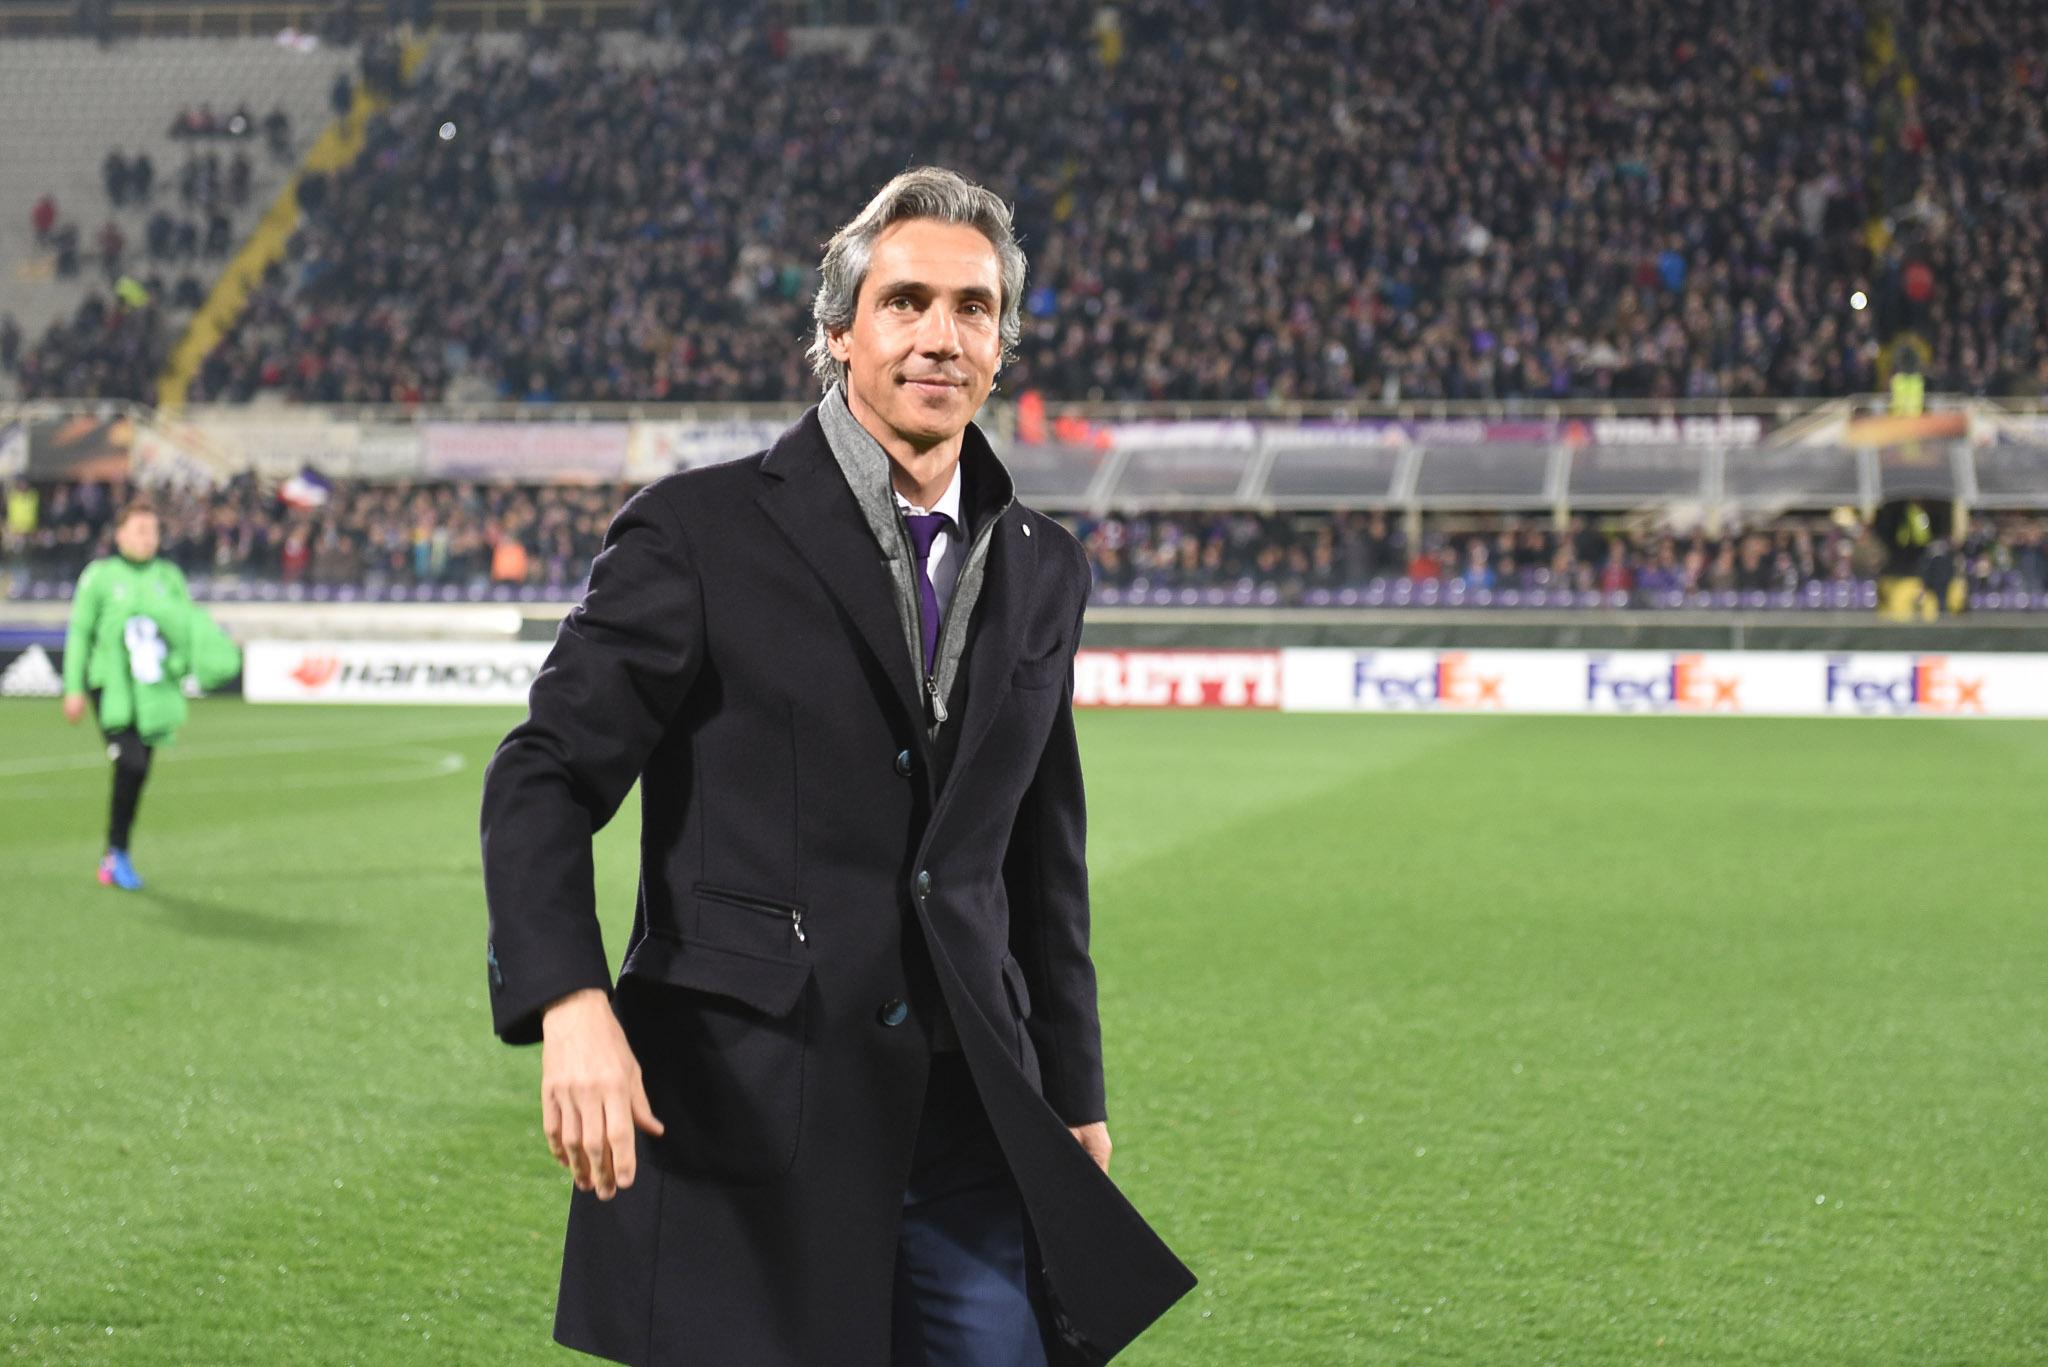 La separazione anticipata tra la Fiorentina e Paulo Sousa è costata alle casse viola 200 mila euro